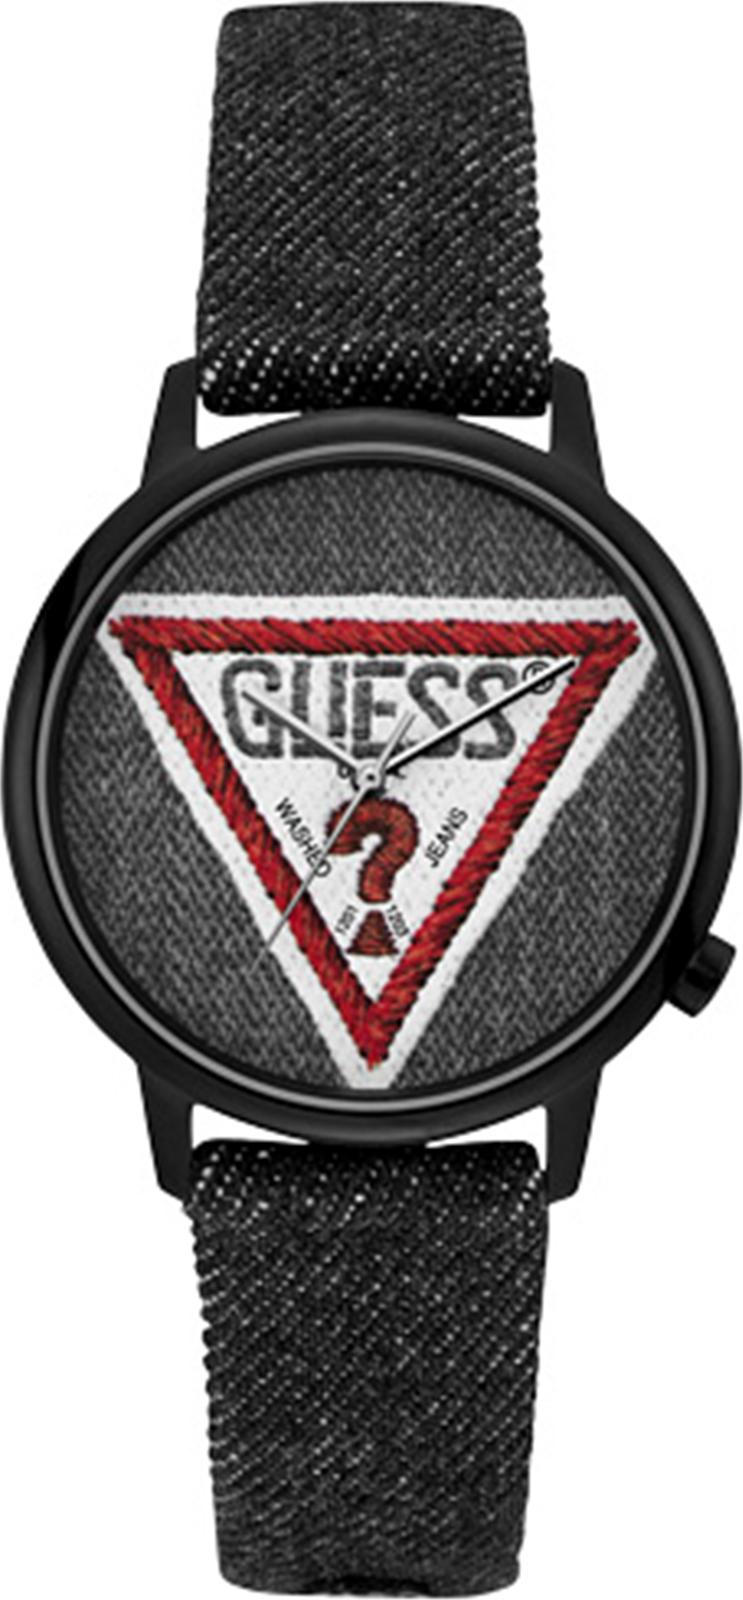 Наручные часы Guess Originals Wilshire + Grand двухшпеньковый кожаный ремень джинсовый